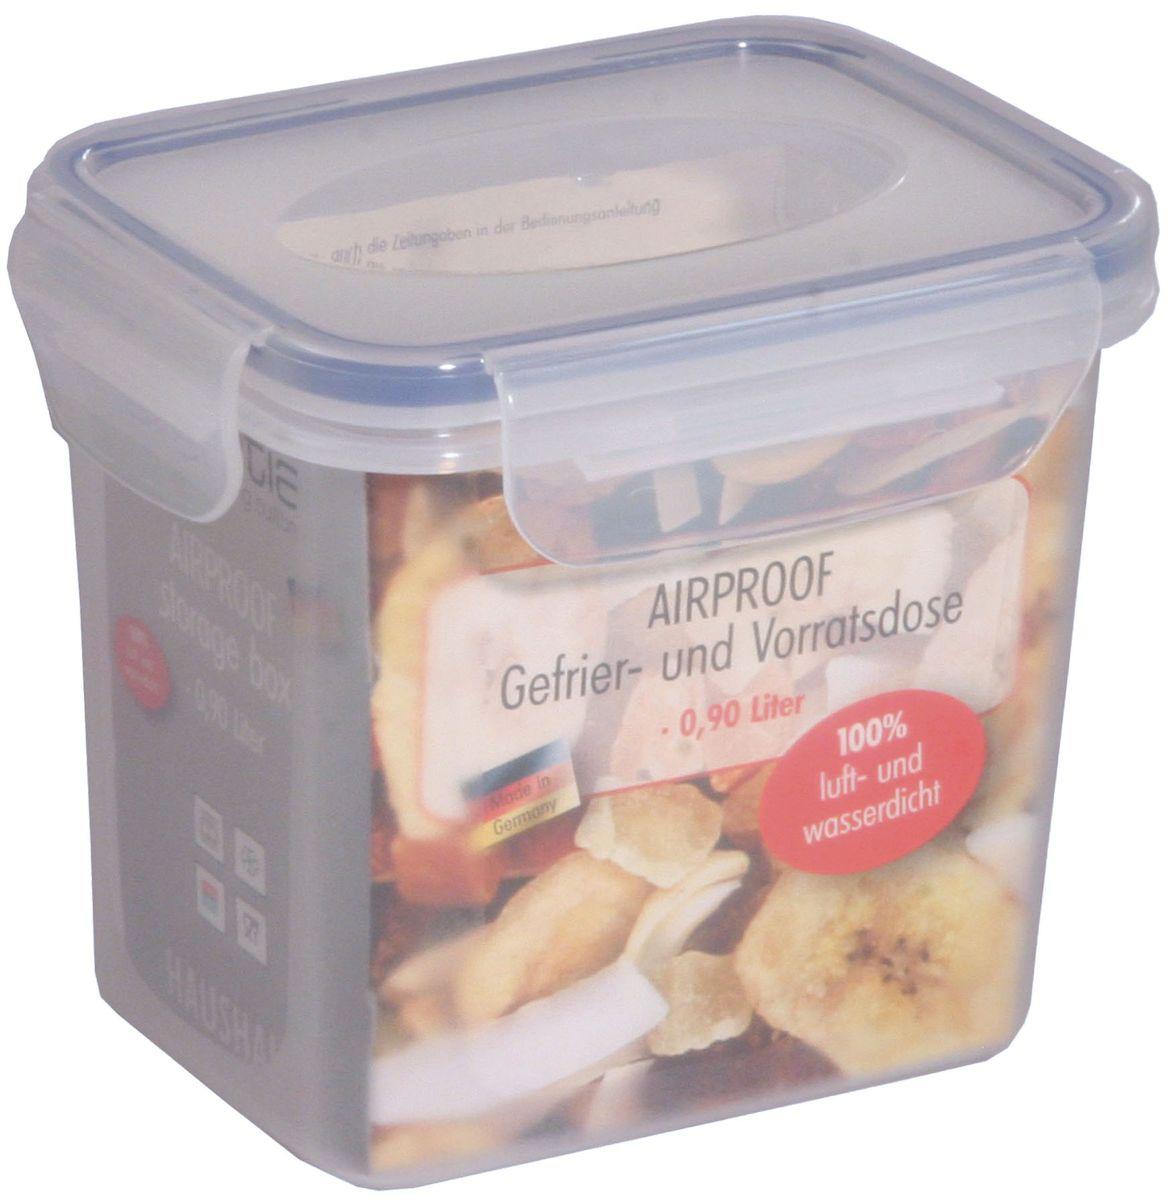 Контейнер Axentia, 900 мл230702Пищевой контейнер Axentia изготовлен из высококачественного пластика. Герметичная крышка с уплотнителем надежно закрывается на защелки, и продукты дольше остаются свежими. Подходит для мытья в посудомоечной машине, хранения в холодильных и морозильных камерах, использования в СВЧ-печах. Выдерживает резкий перепад температур.